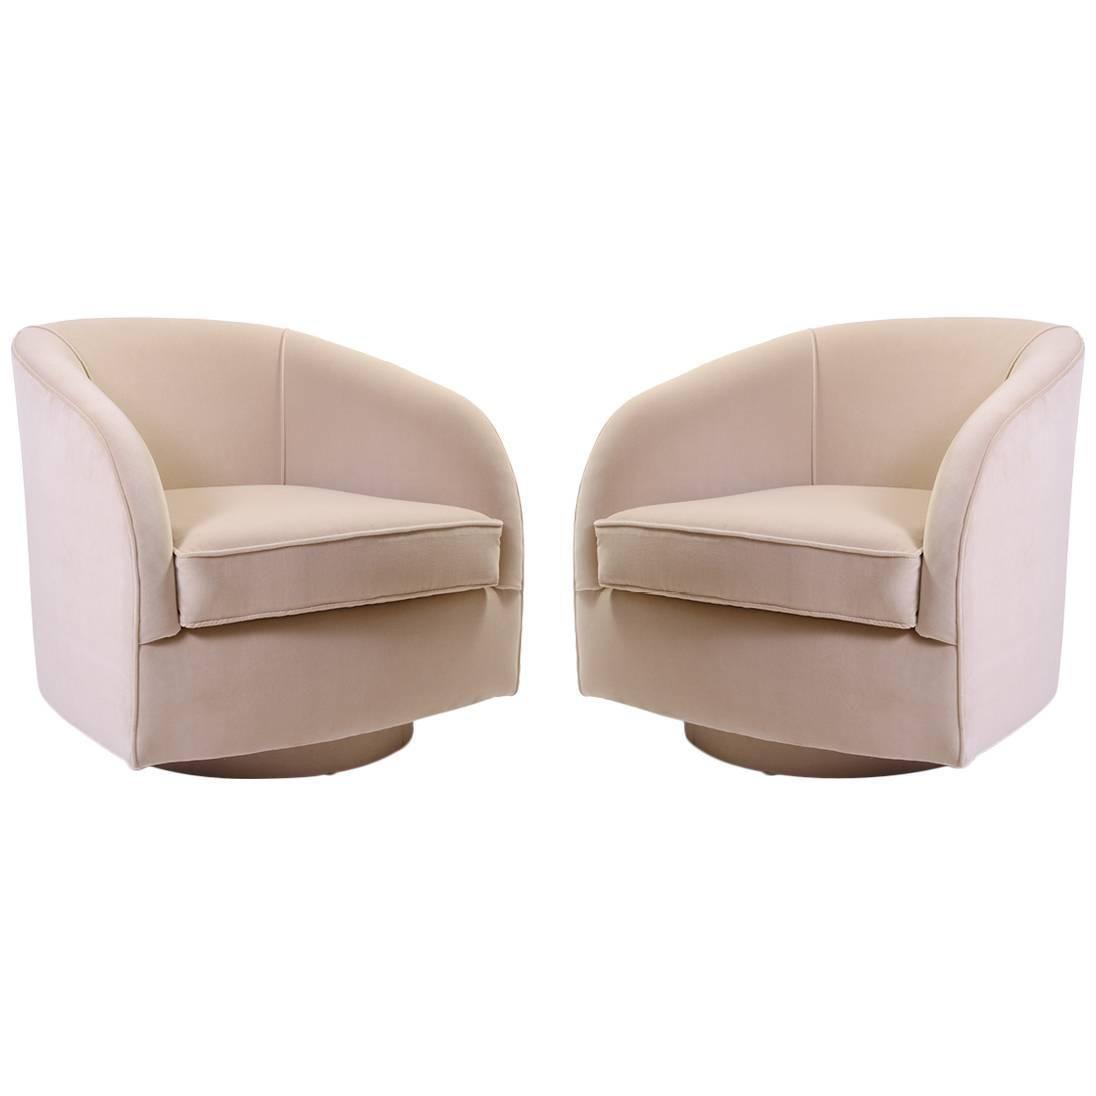 Mid Century Swivel Chairs In Sand Velvet